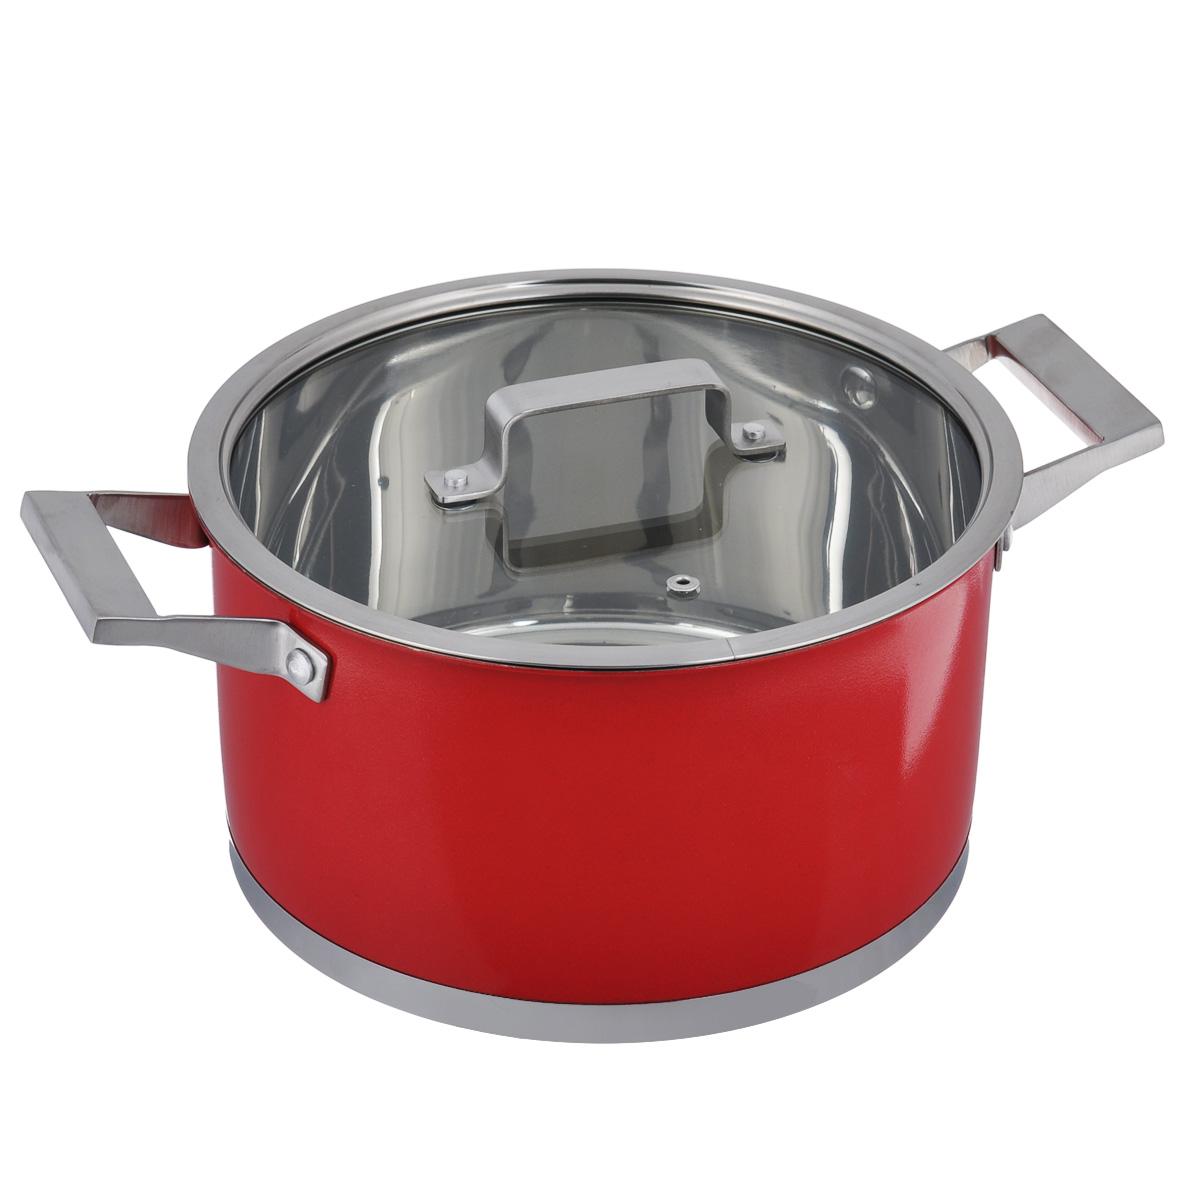 Кастрюля Bohmann с крышкой, цвет: красный, 6,1 л2724BHNEWКастрюля Bohmann изготовлена из высококачественной нержавеющей стали. Внутренняя поверхность имеет зеркальную полировку, а внешняя - матовое покрытие красного цвета. Нержавеющая сталь обладает высокой стойкостью к коррозии и кислотам. Прочность, долговечность и надежность этого материала, а также первоклассная обработка обеспечивают практически неограниченный запас прочности и неизменно привлекательный внешний вид. Кастрюля имеет многослойное капсульное дно с алюминиевым основанием, которое быстро и равномерно накапливает тепло и так же равномерно передает его пище. Капсульное дно позволяет готовить блюда с минимальным количеством воды и жира, сохраняя при этом вкусовые и питательные свойства продуктов. Применение технологии многослойного дна создает эффект удержания тепла - пища готовится и после отключения плиты благодаря термоаккумулирующим свойствам посуды. Диаметры изделий соответствуют общепринятым размерам конфорок бытовых плит. Посуда оснащена удобными...